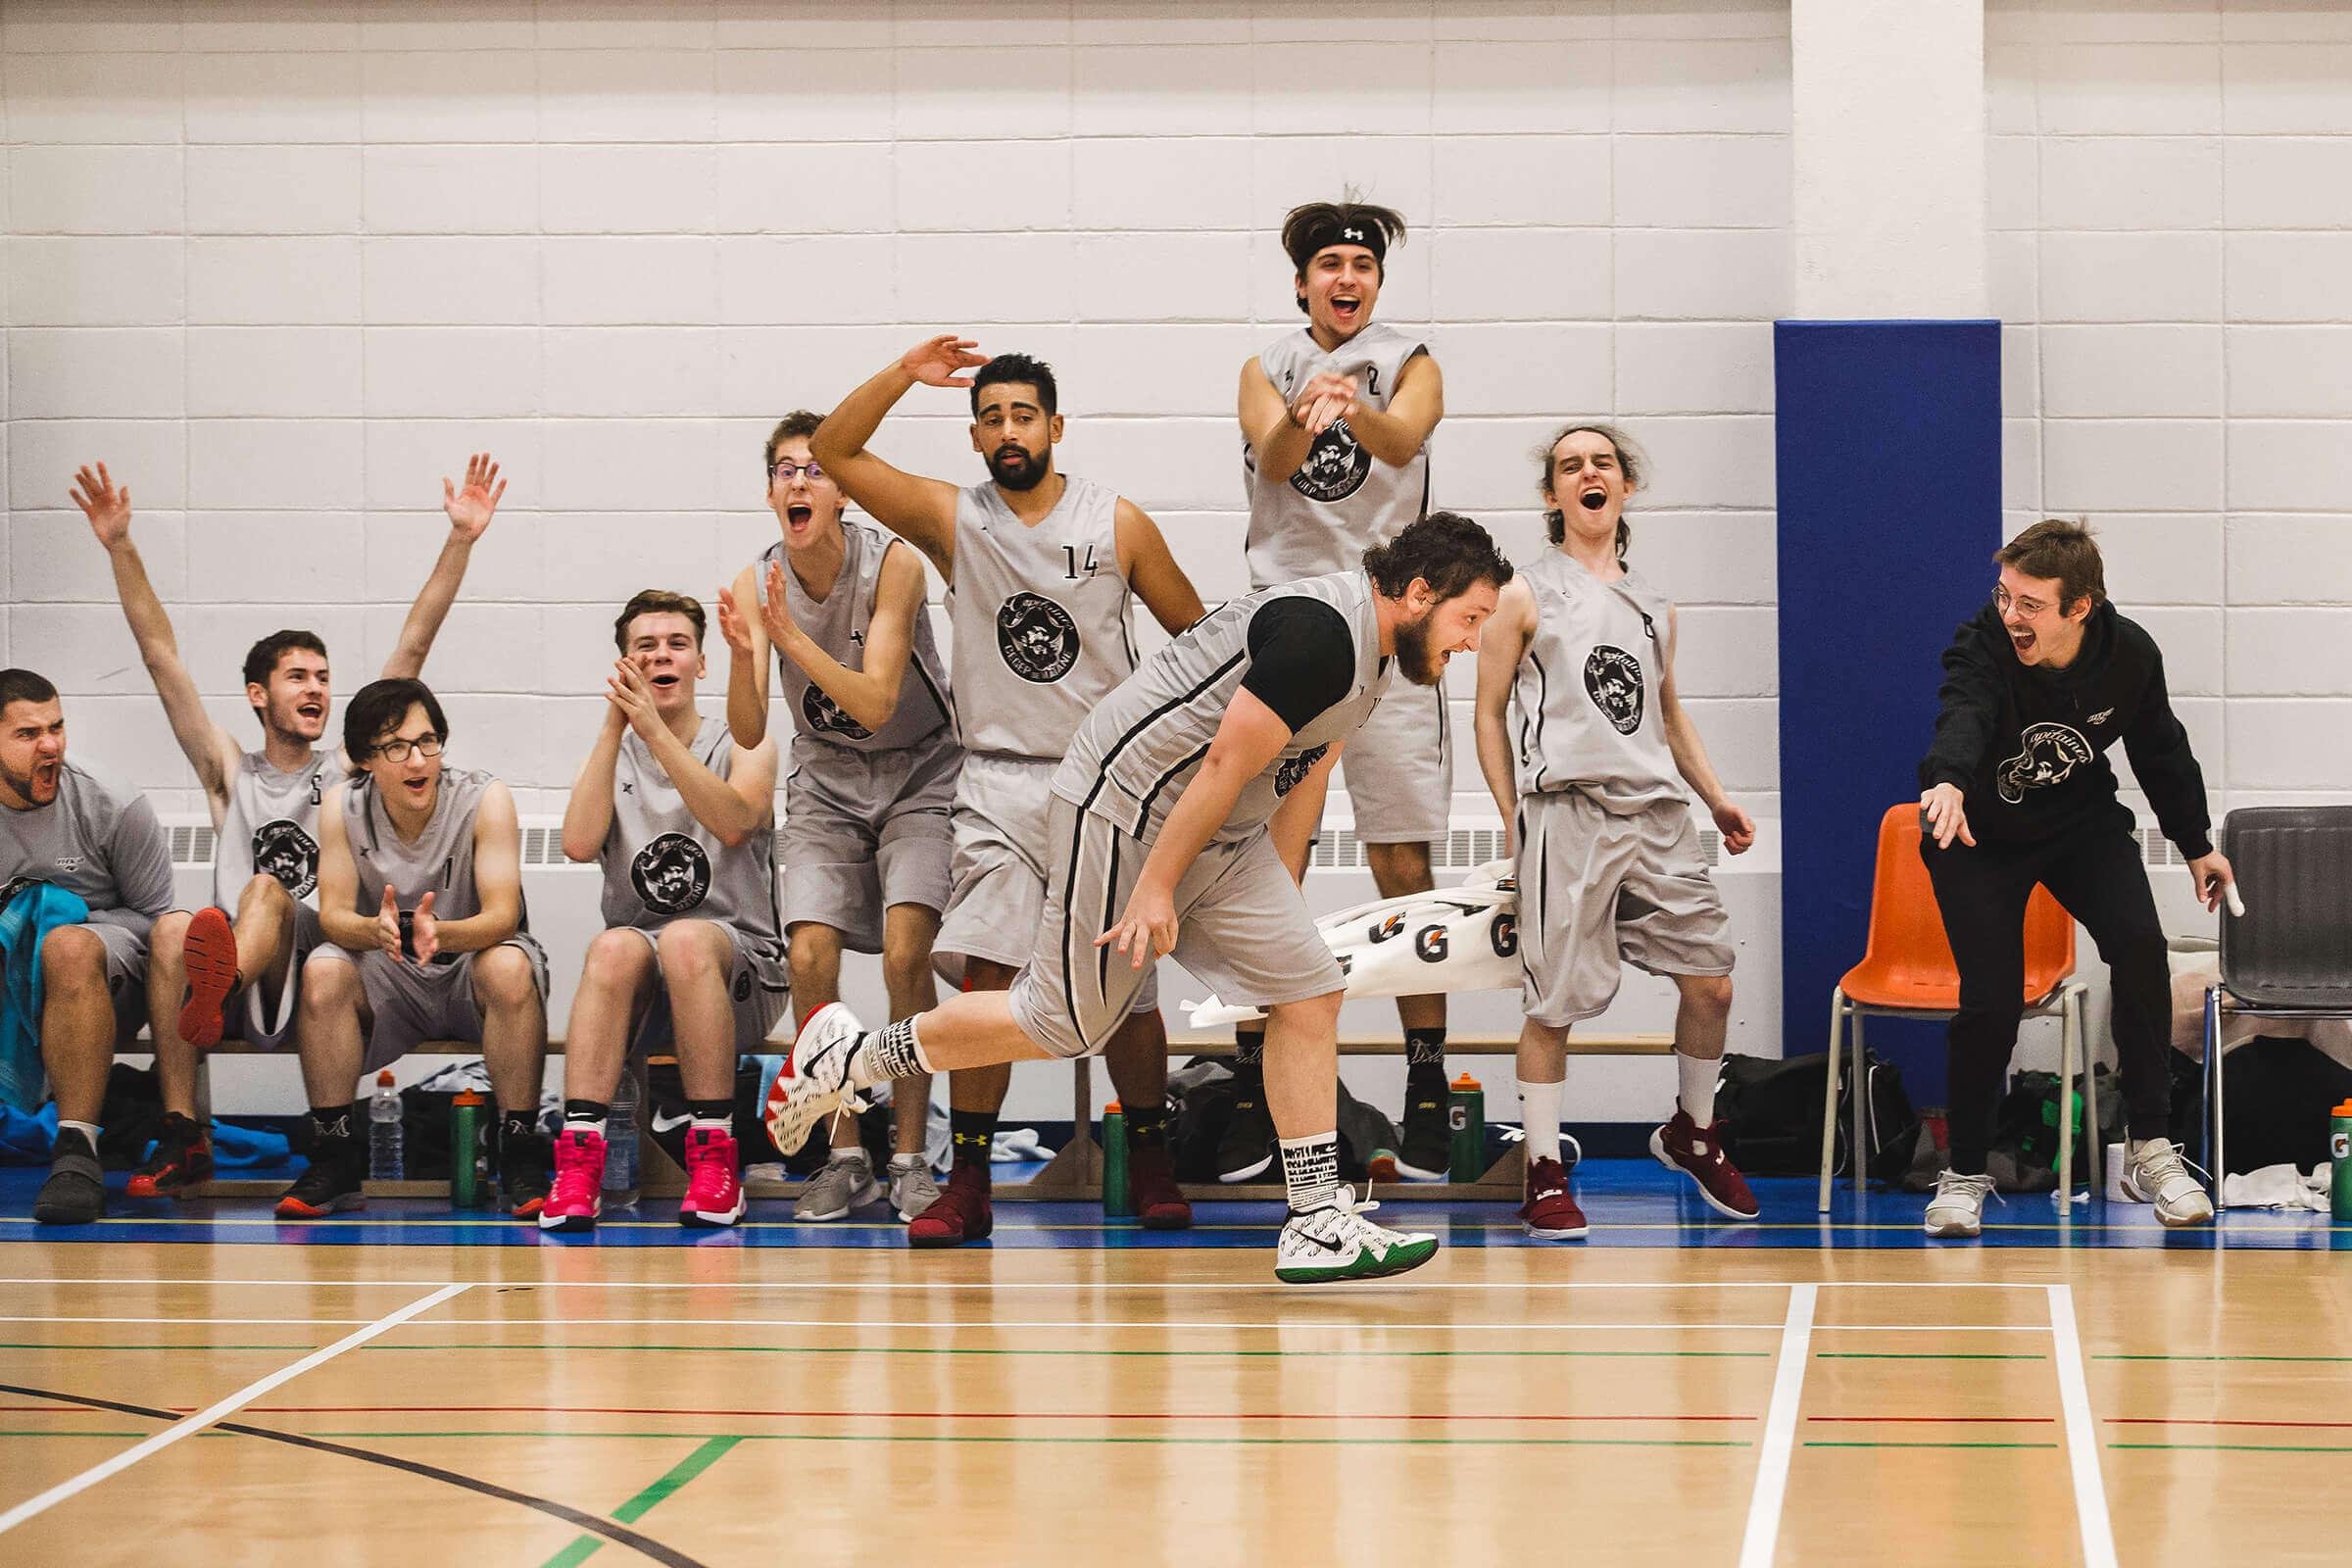 Équipe de Basketball Les Capitaines en action